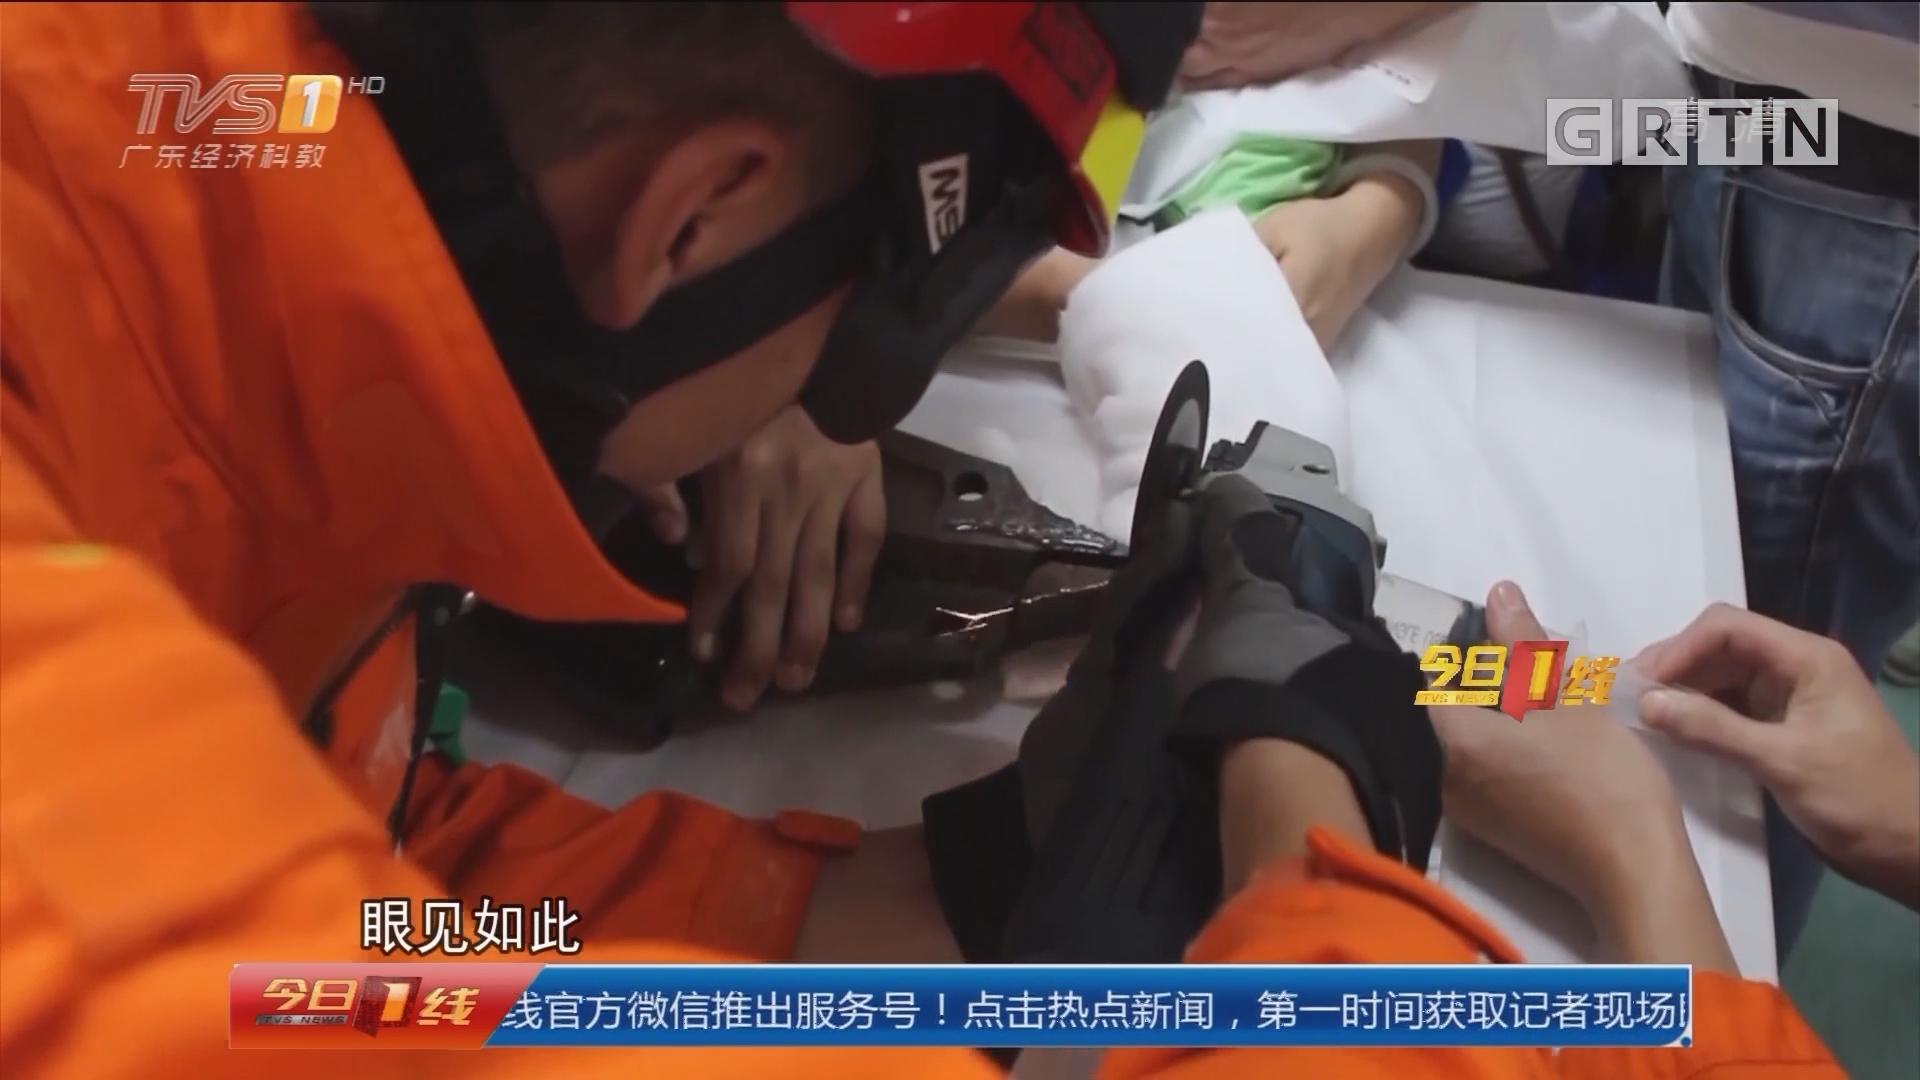 """关注儿童安全:深圳福田 玩铁环被""""咬住"""" 消防急救幼儿"""